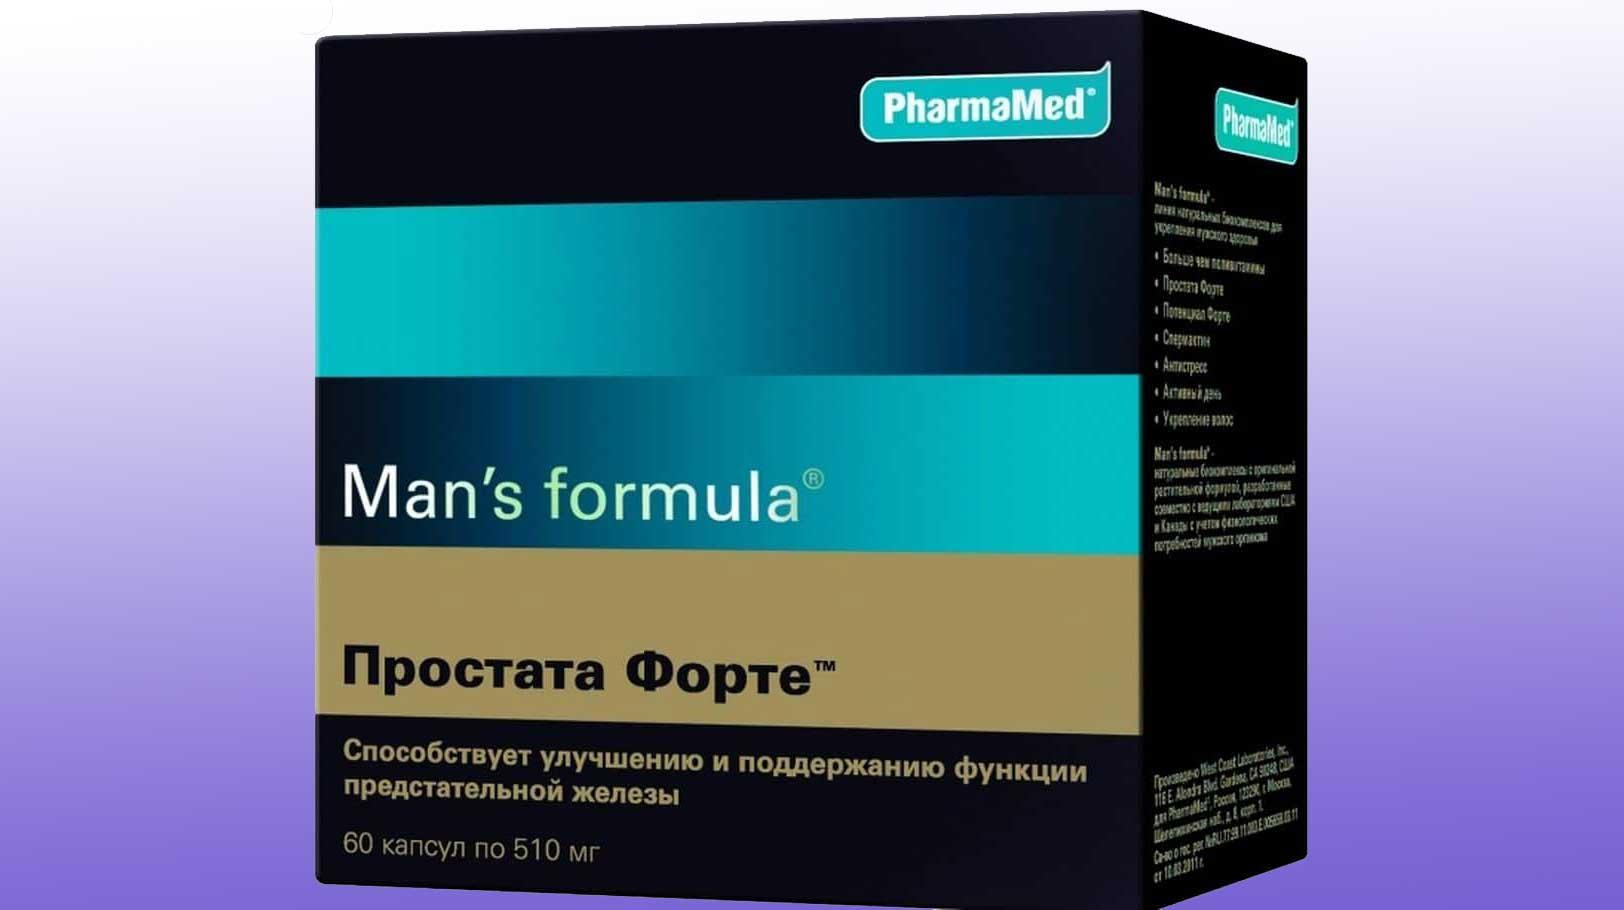 Man's formula простата форте отзывы